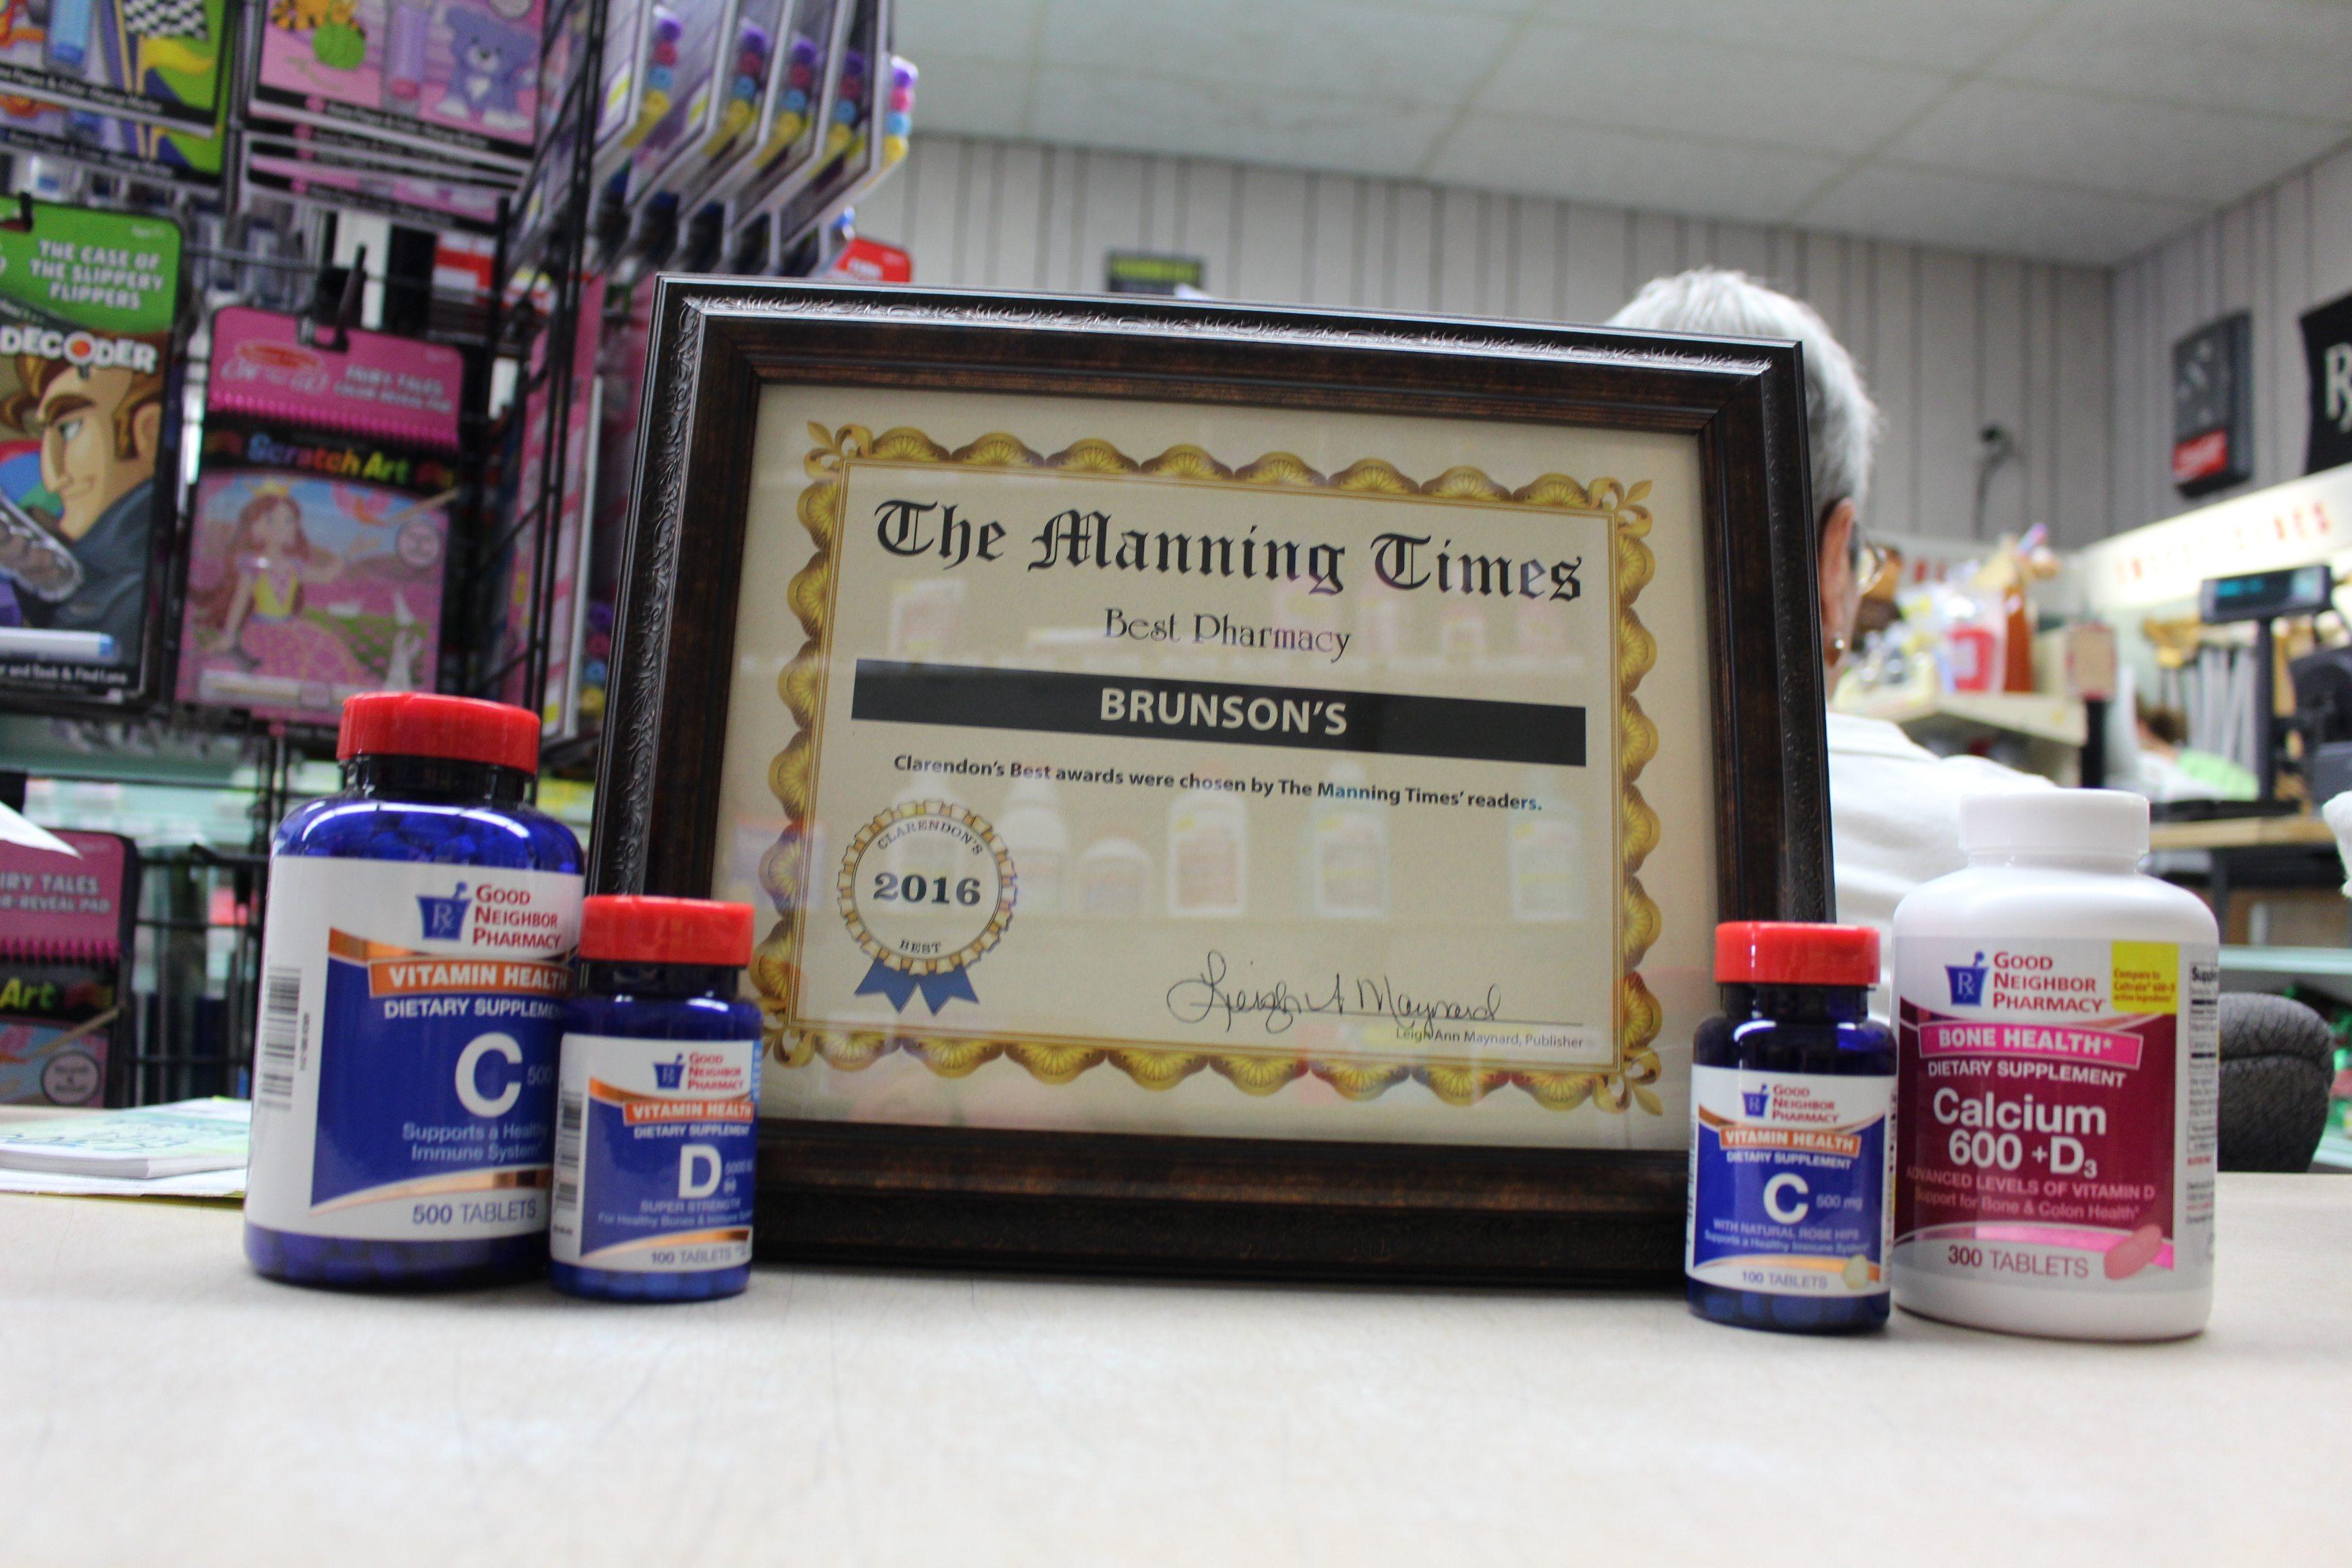 Best Pharmacy - Brunsons